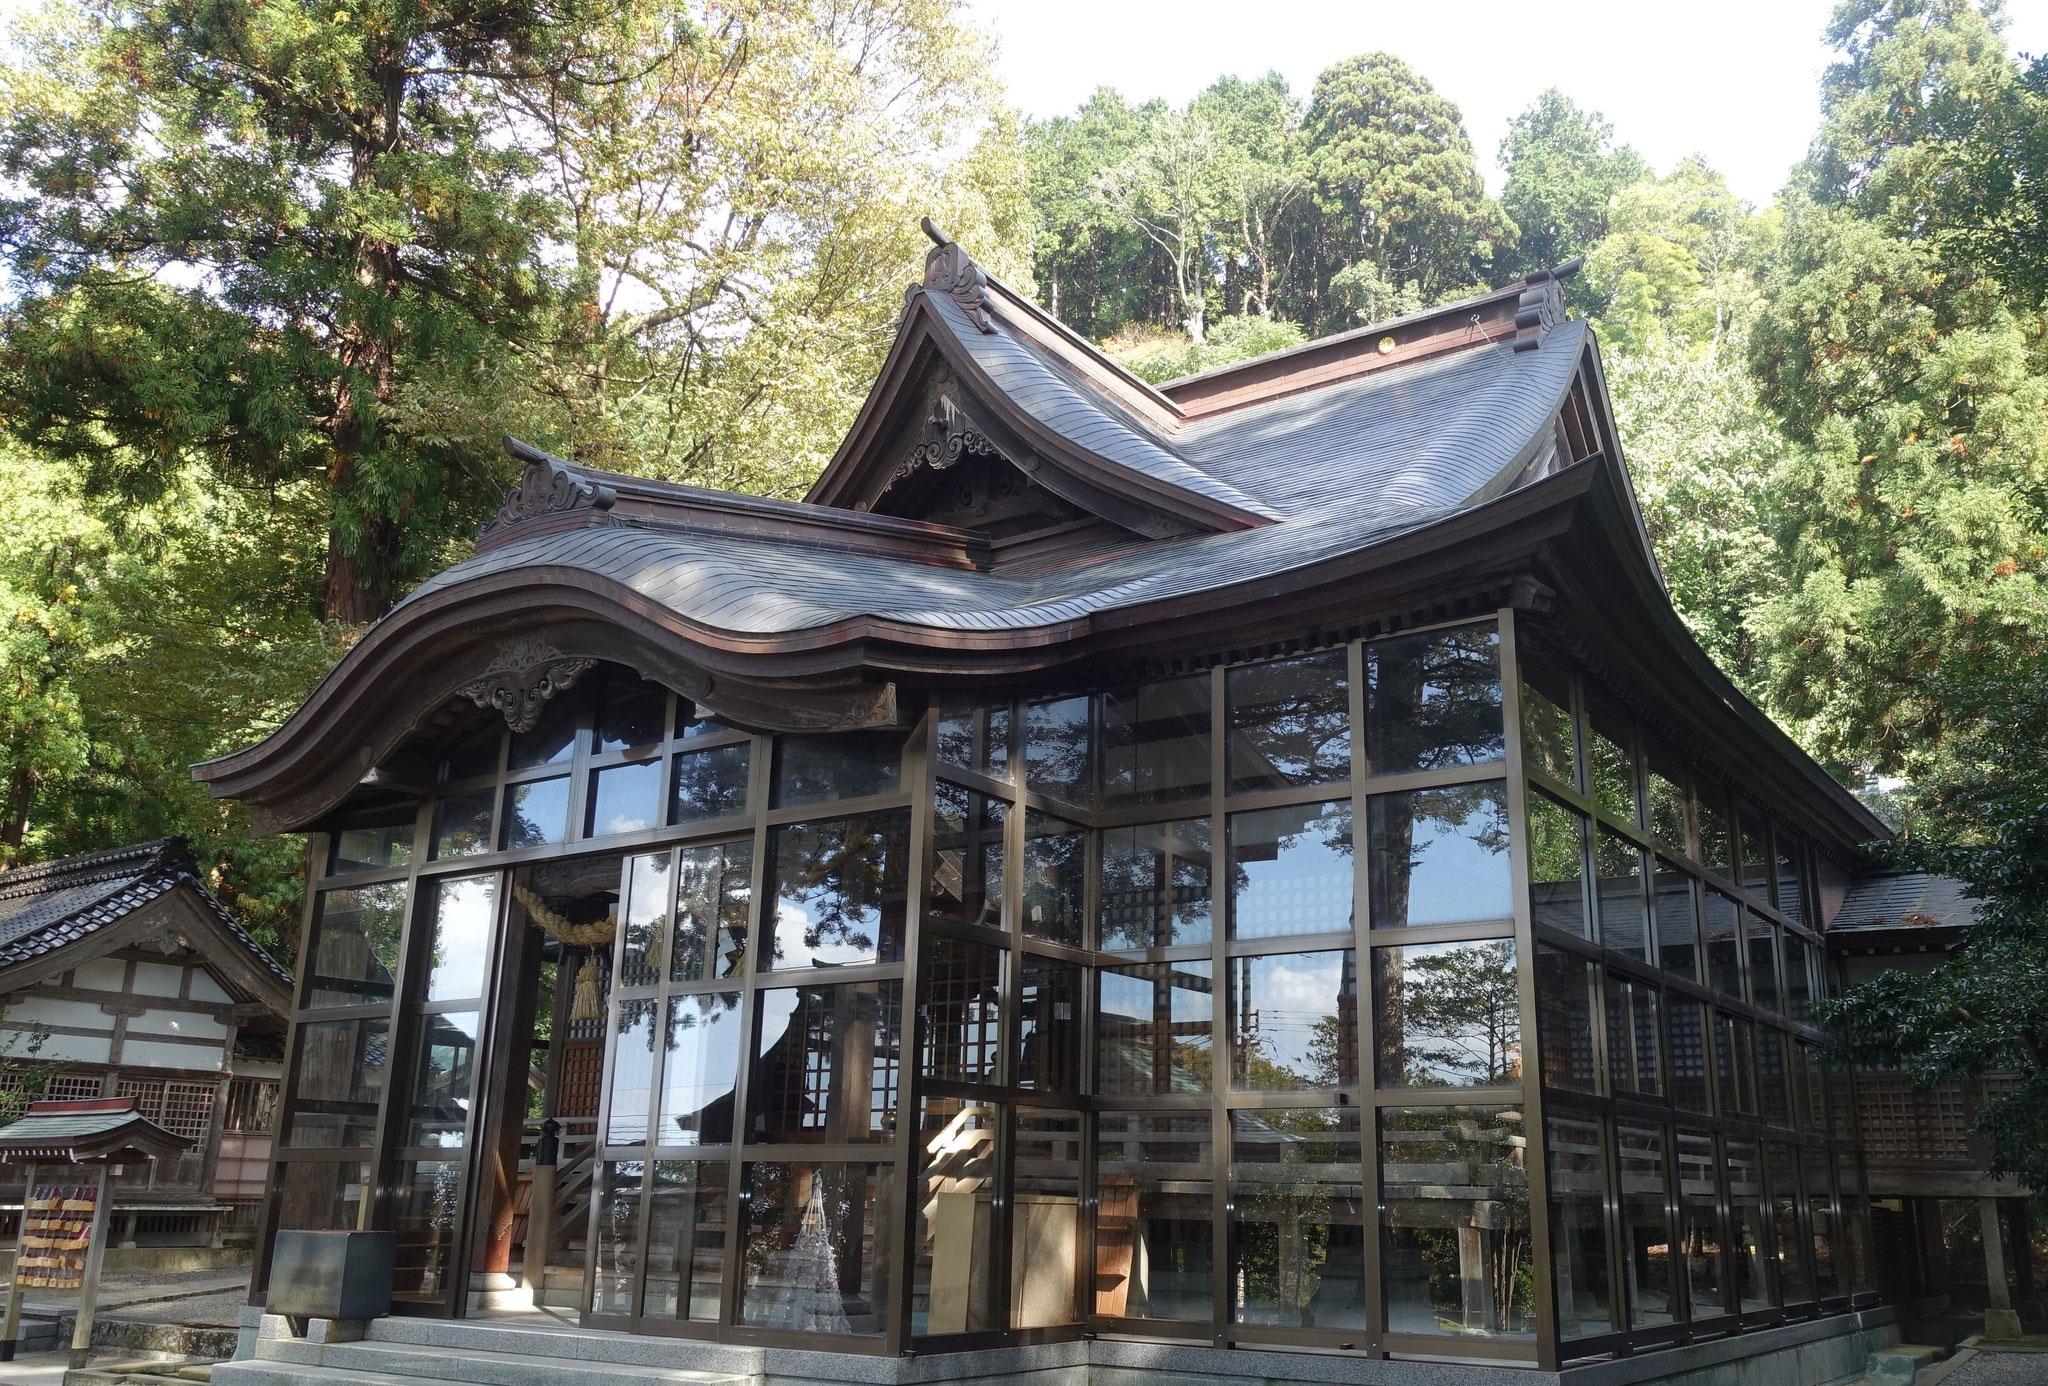 金劔宮(きんけんぐう) 鶴来にある故船井幸雄氏に紹介された神社